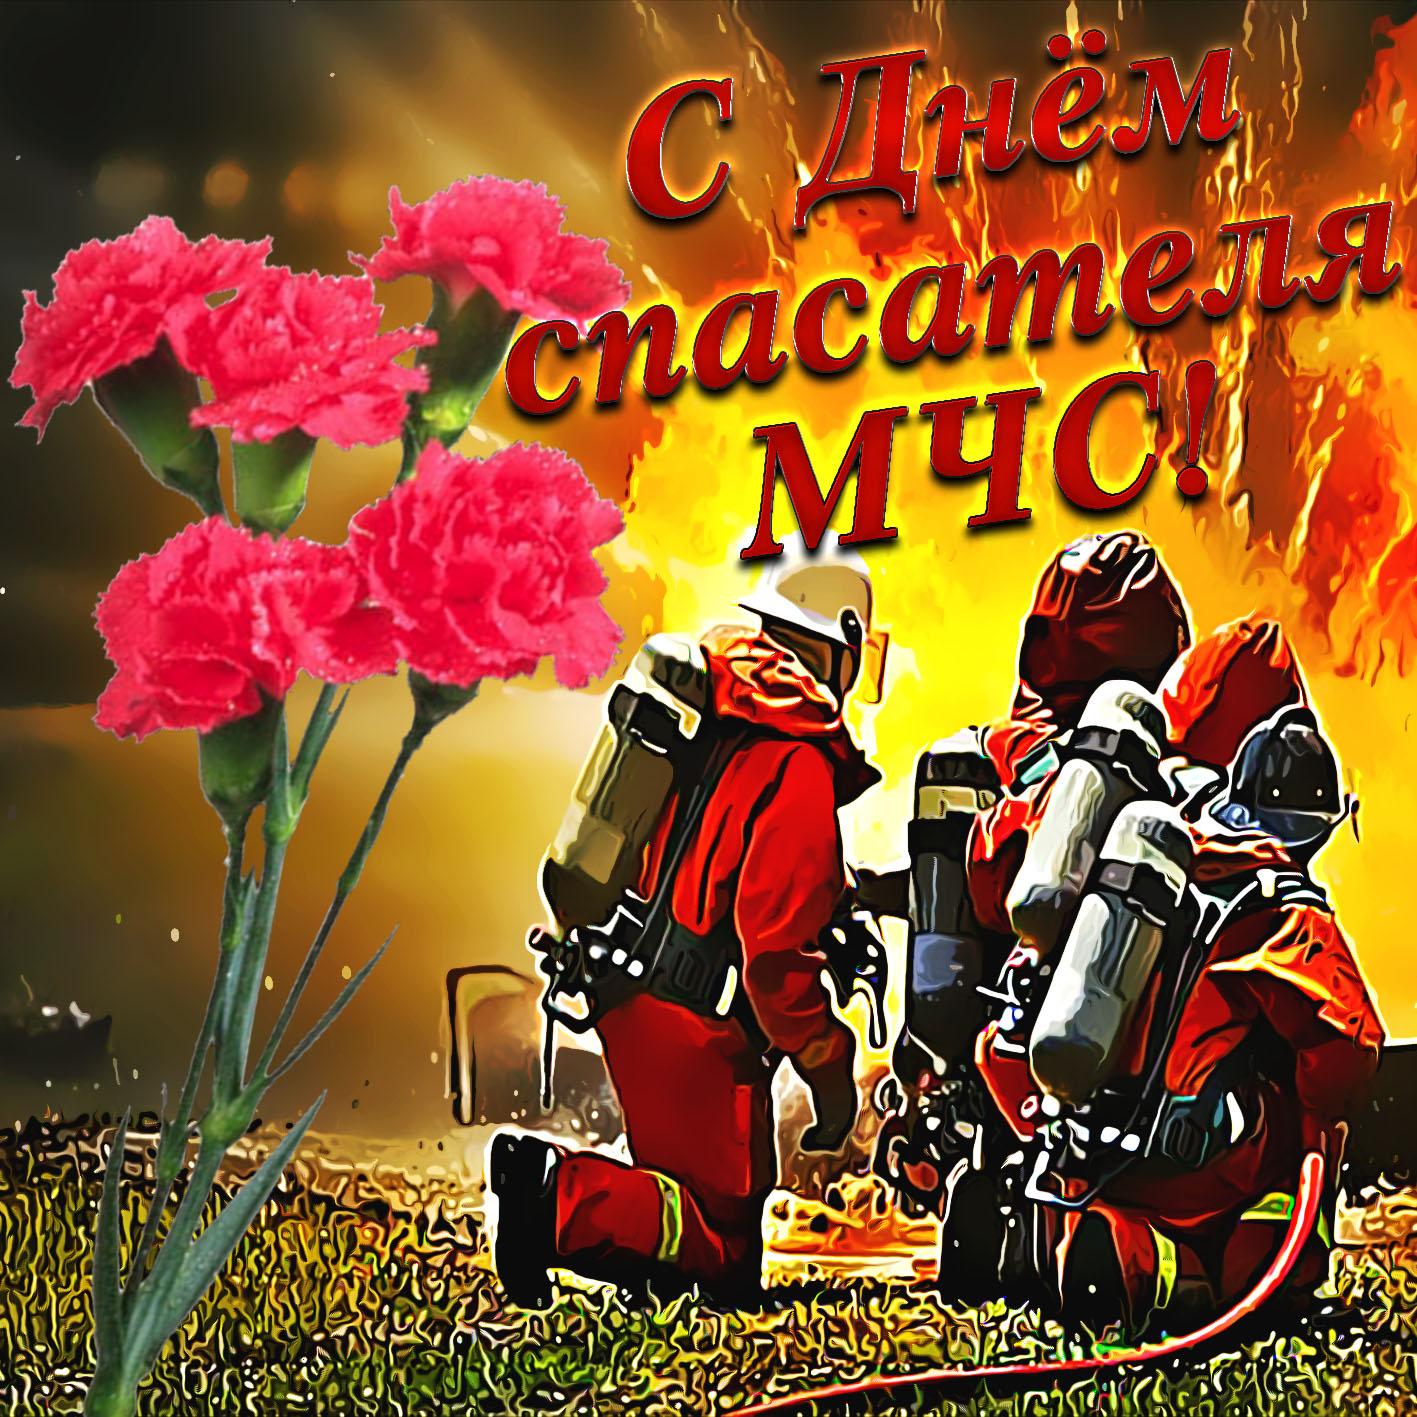 поздравления с днем спасателя мчс открытка заботимся вас, этому